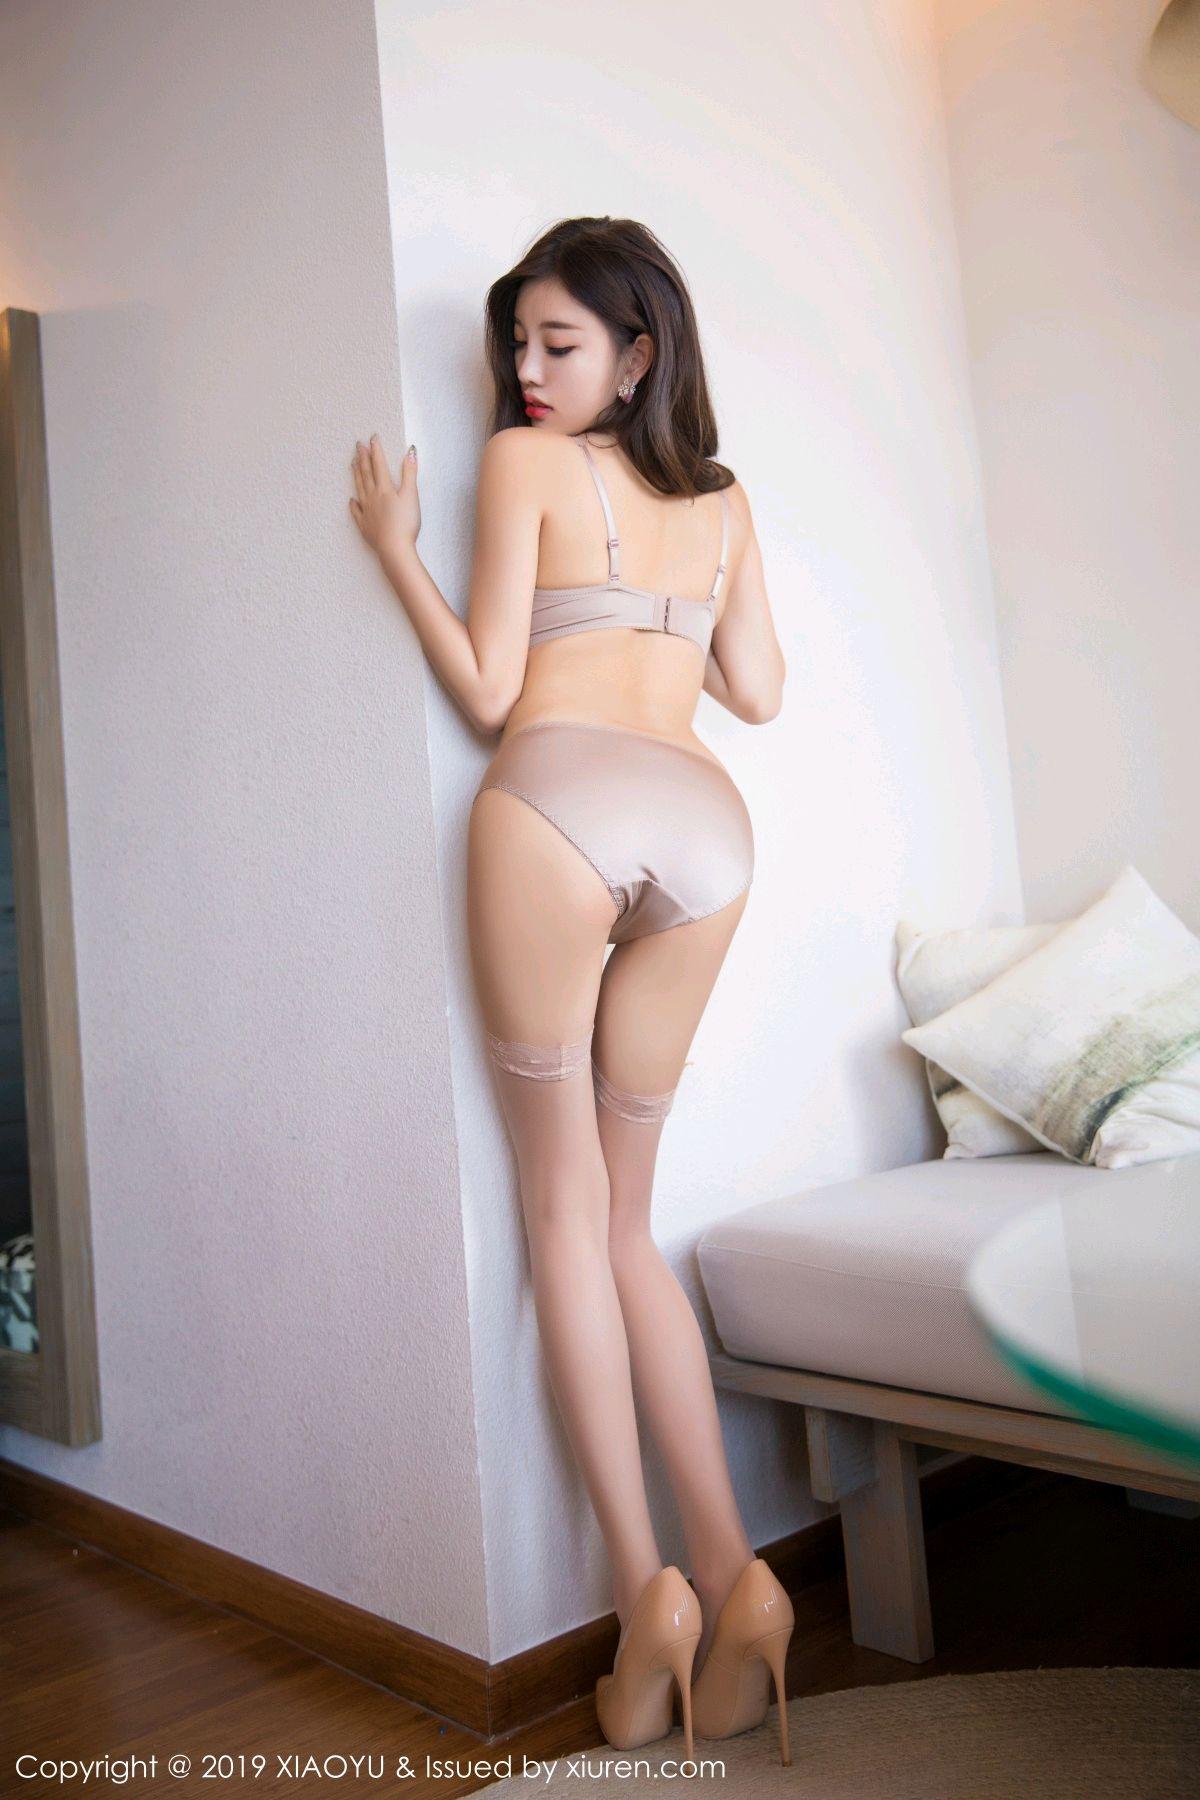 [XiaoYu] Vol.067 Yang Chen Chen 36P, Beach, Underwear, XiaoYu, Yang Chen Chen